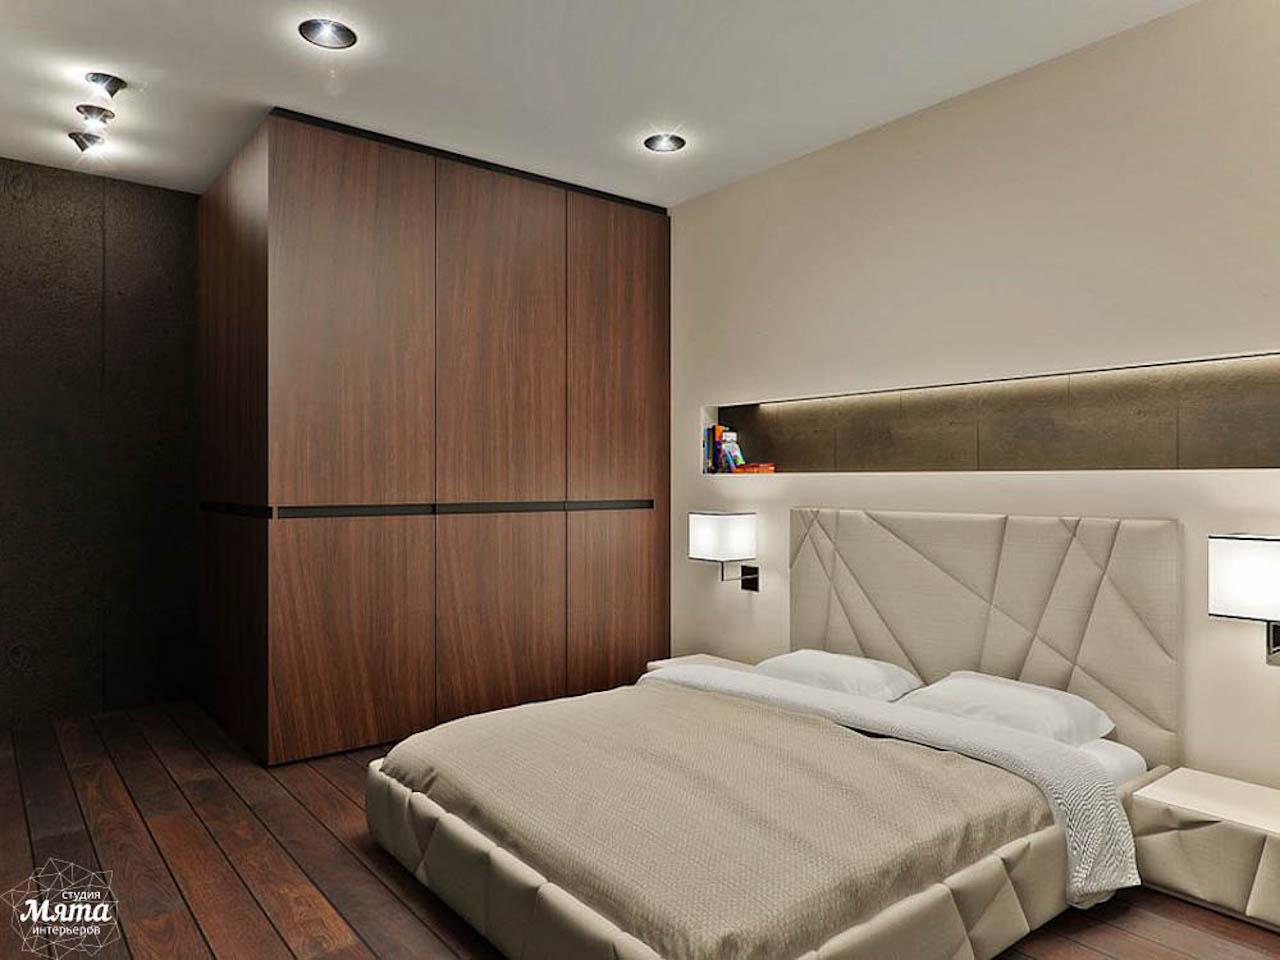 Дизайн интерьера однокомнатной квартиры в стиле хай тек по ул. Щербакова 35 img520401697